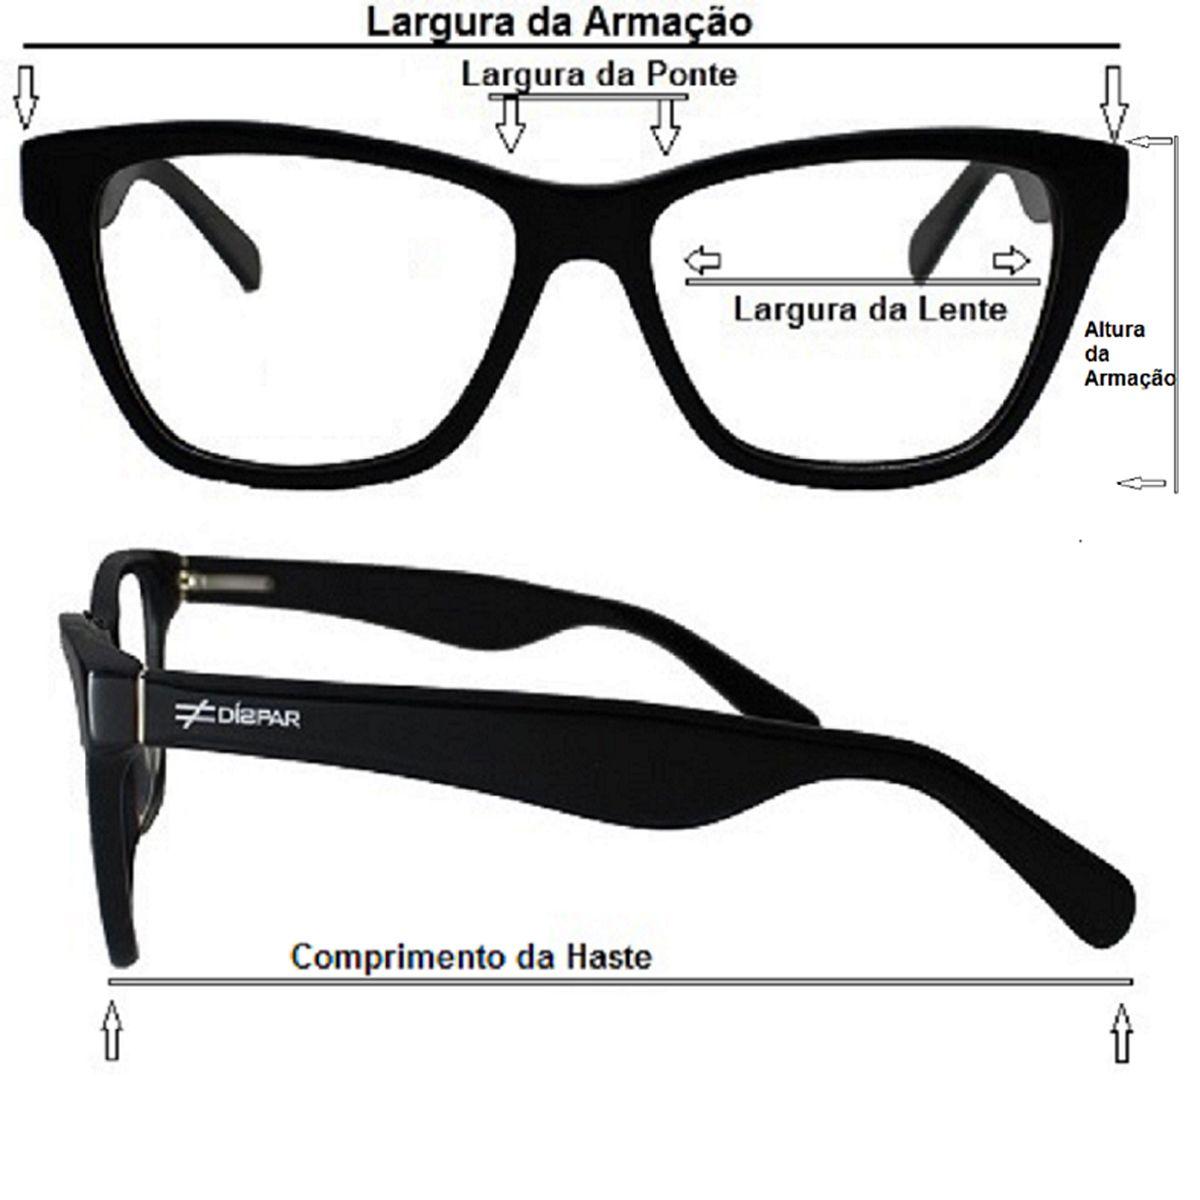 Armação para Óculos Díspar D1647 Redondo Chumbo